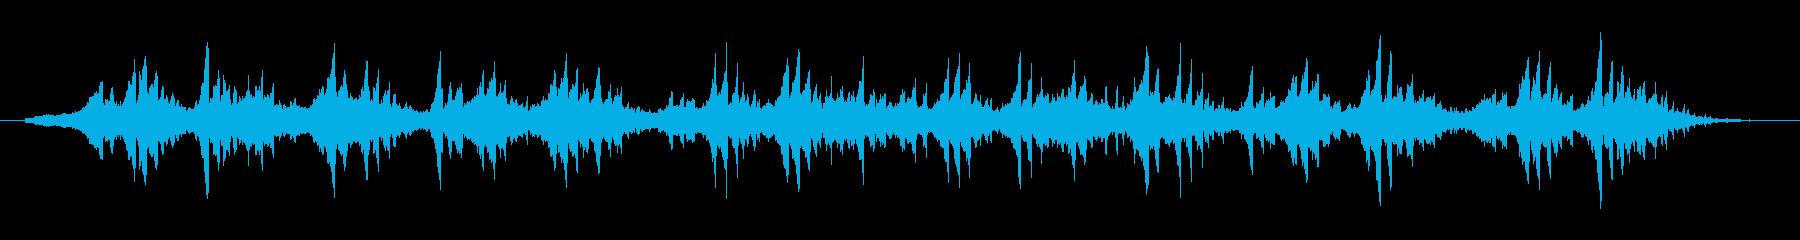 空気のように漂うアンビエントBGMの再生済みの波形